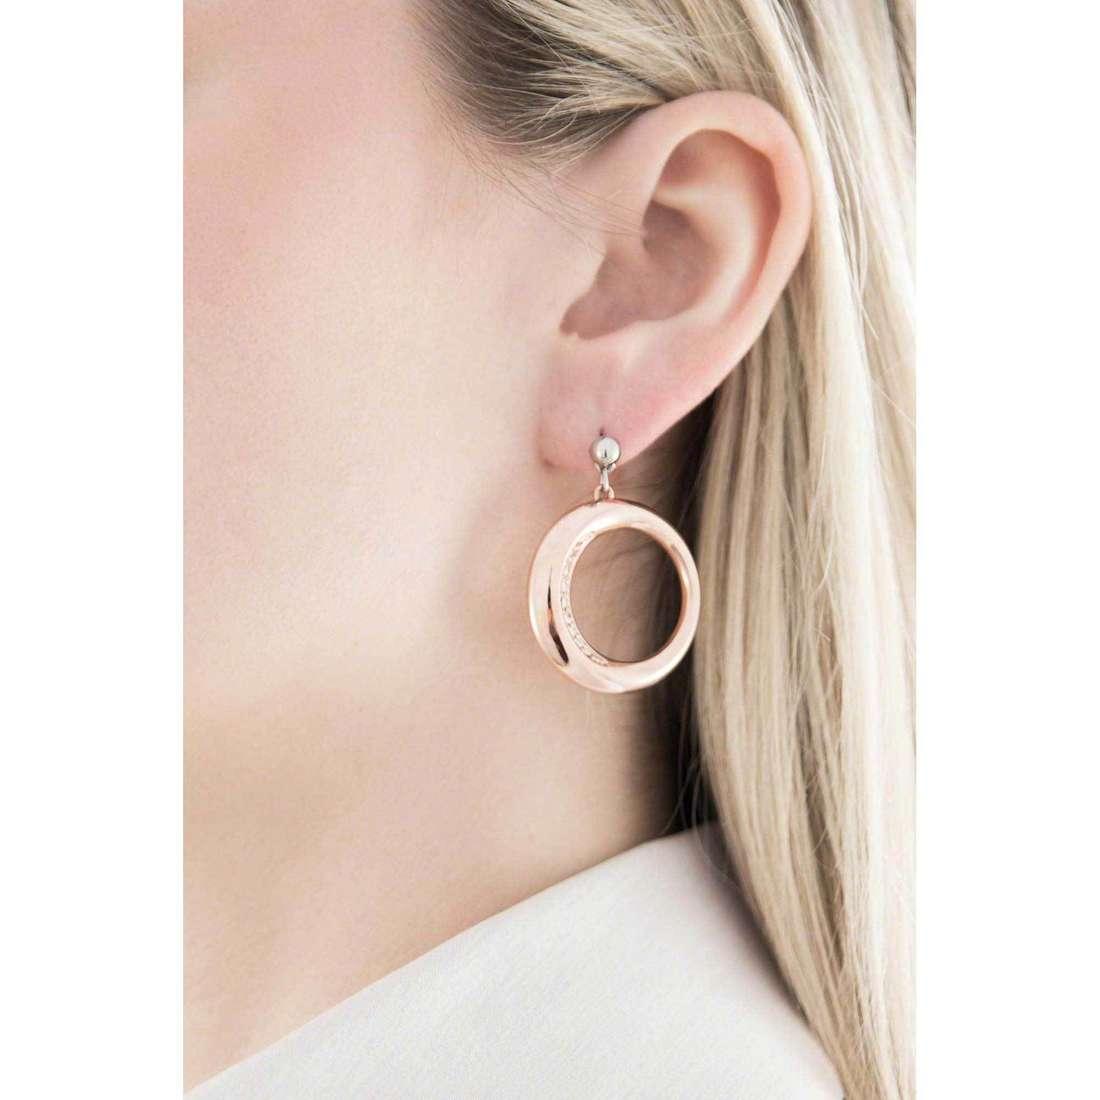 Morellato orecchini Notti donna SAAH05 indosso